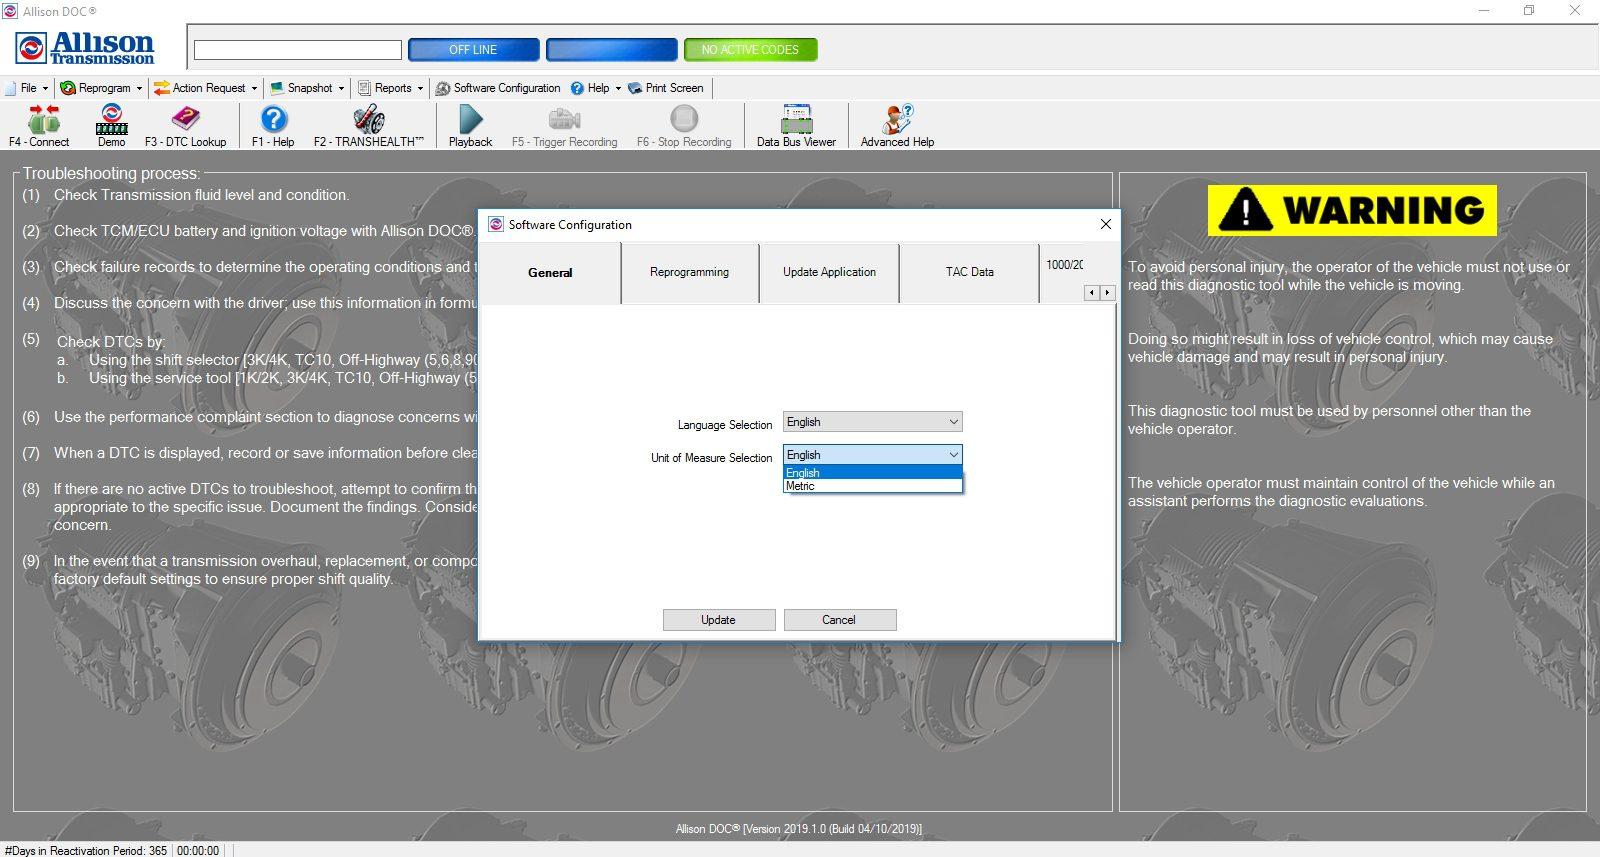 Universal_Allison_DOC_v201910_Build_042019_Transmission_Diagnostic_Software_Full_Instruction_15